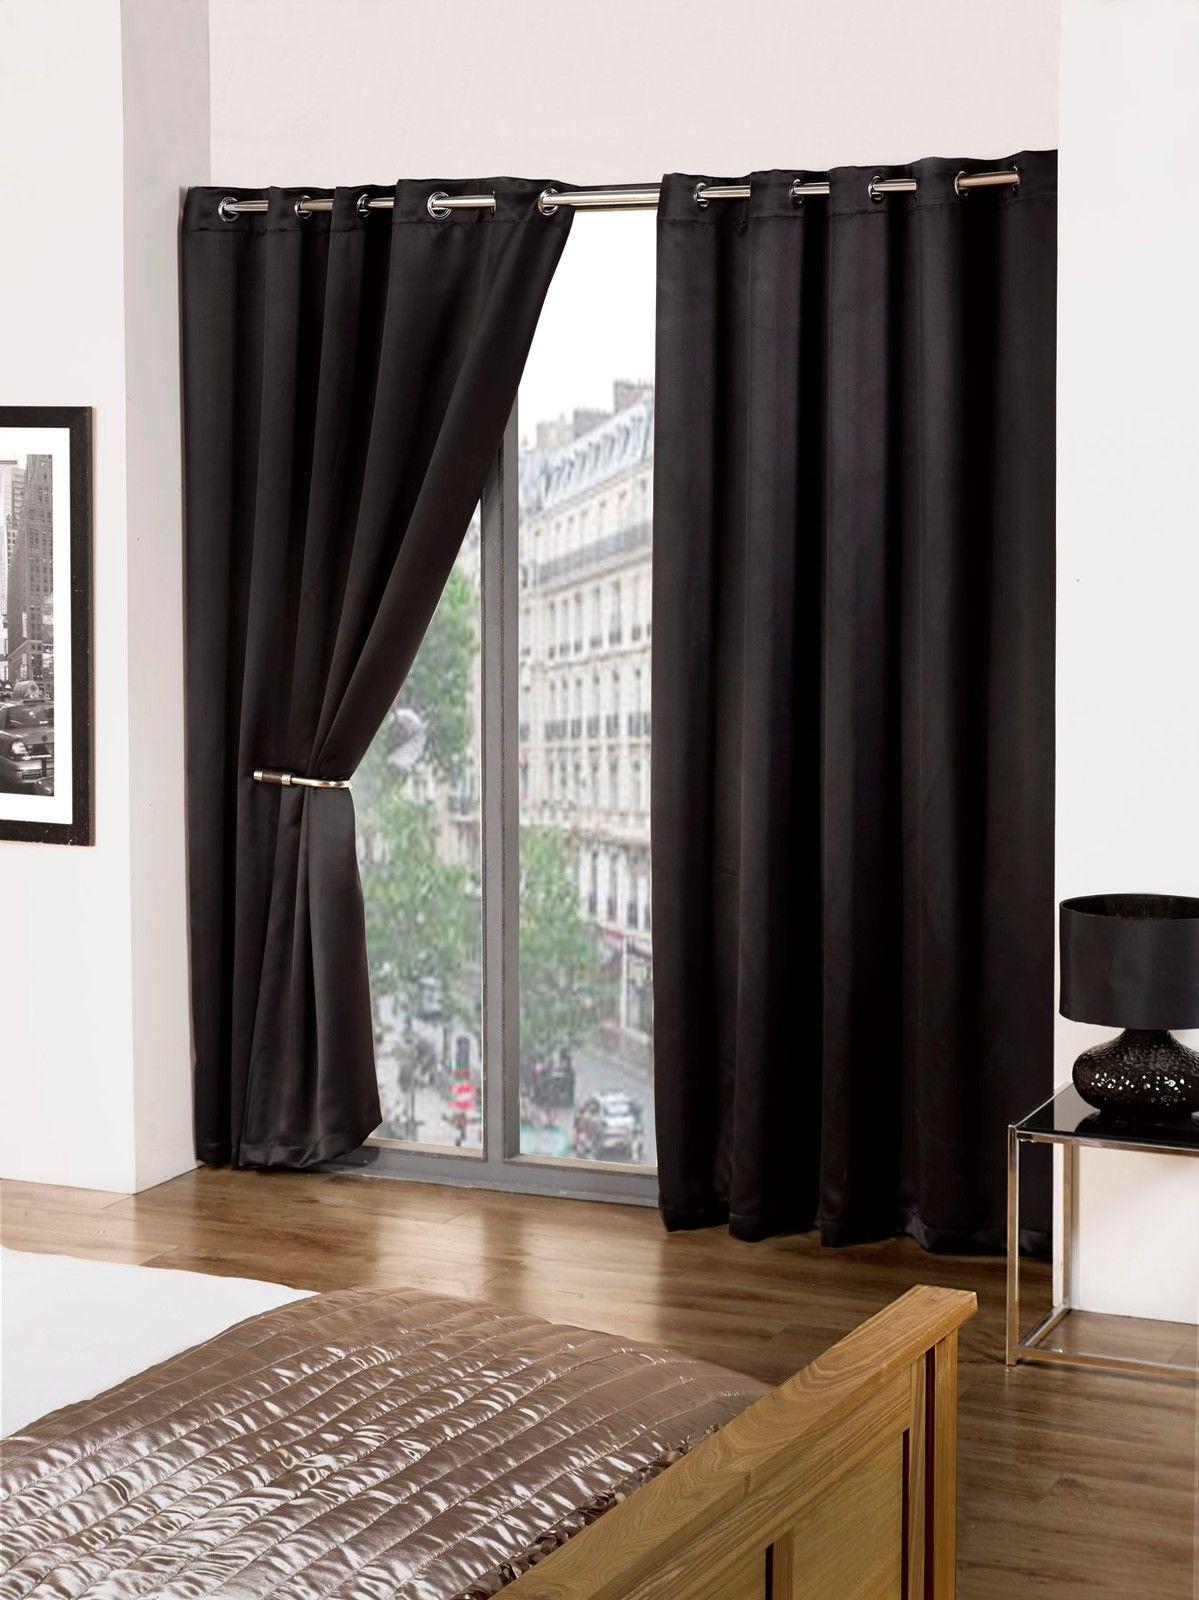 eco paire de rideaux thermiques occultants cali doux. Black Bedroom Furniture Sets. Home Design Ideas